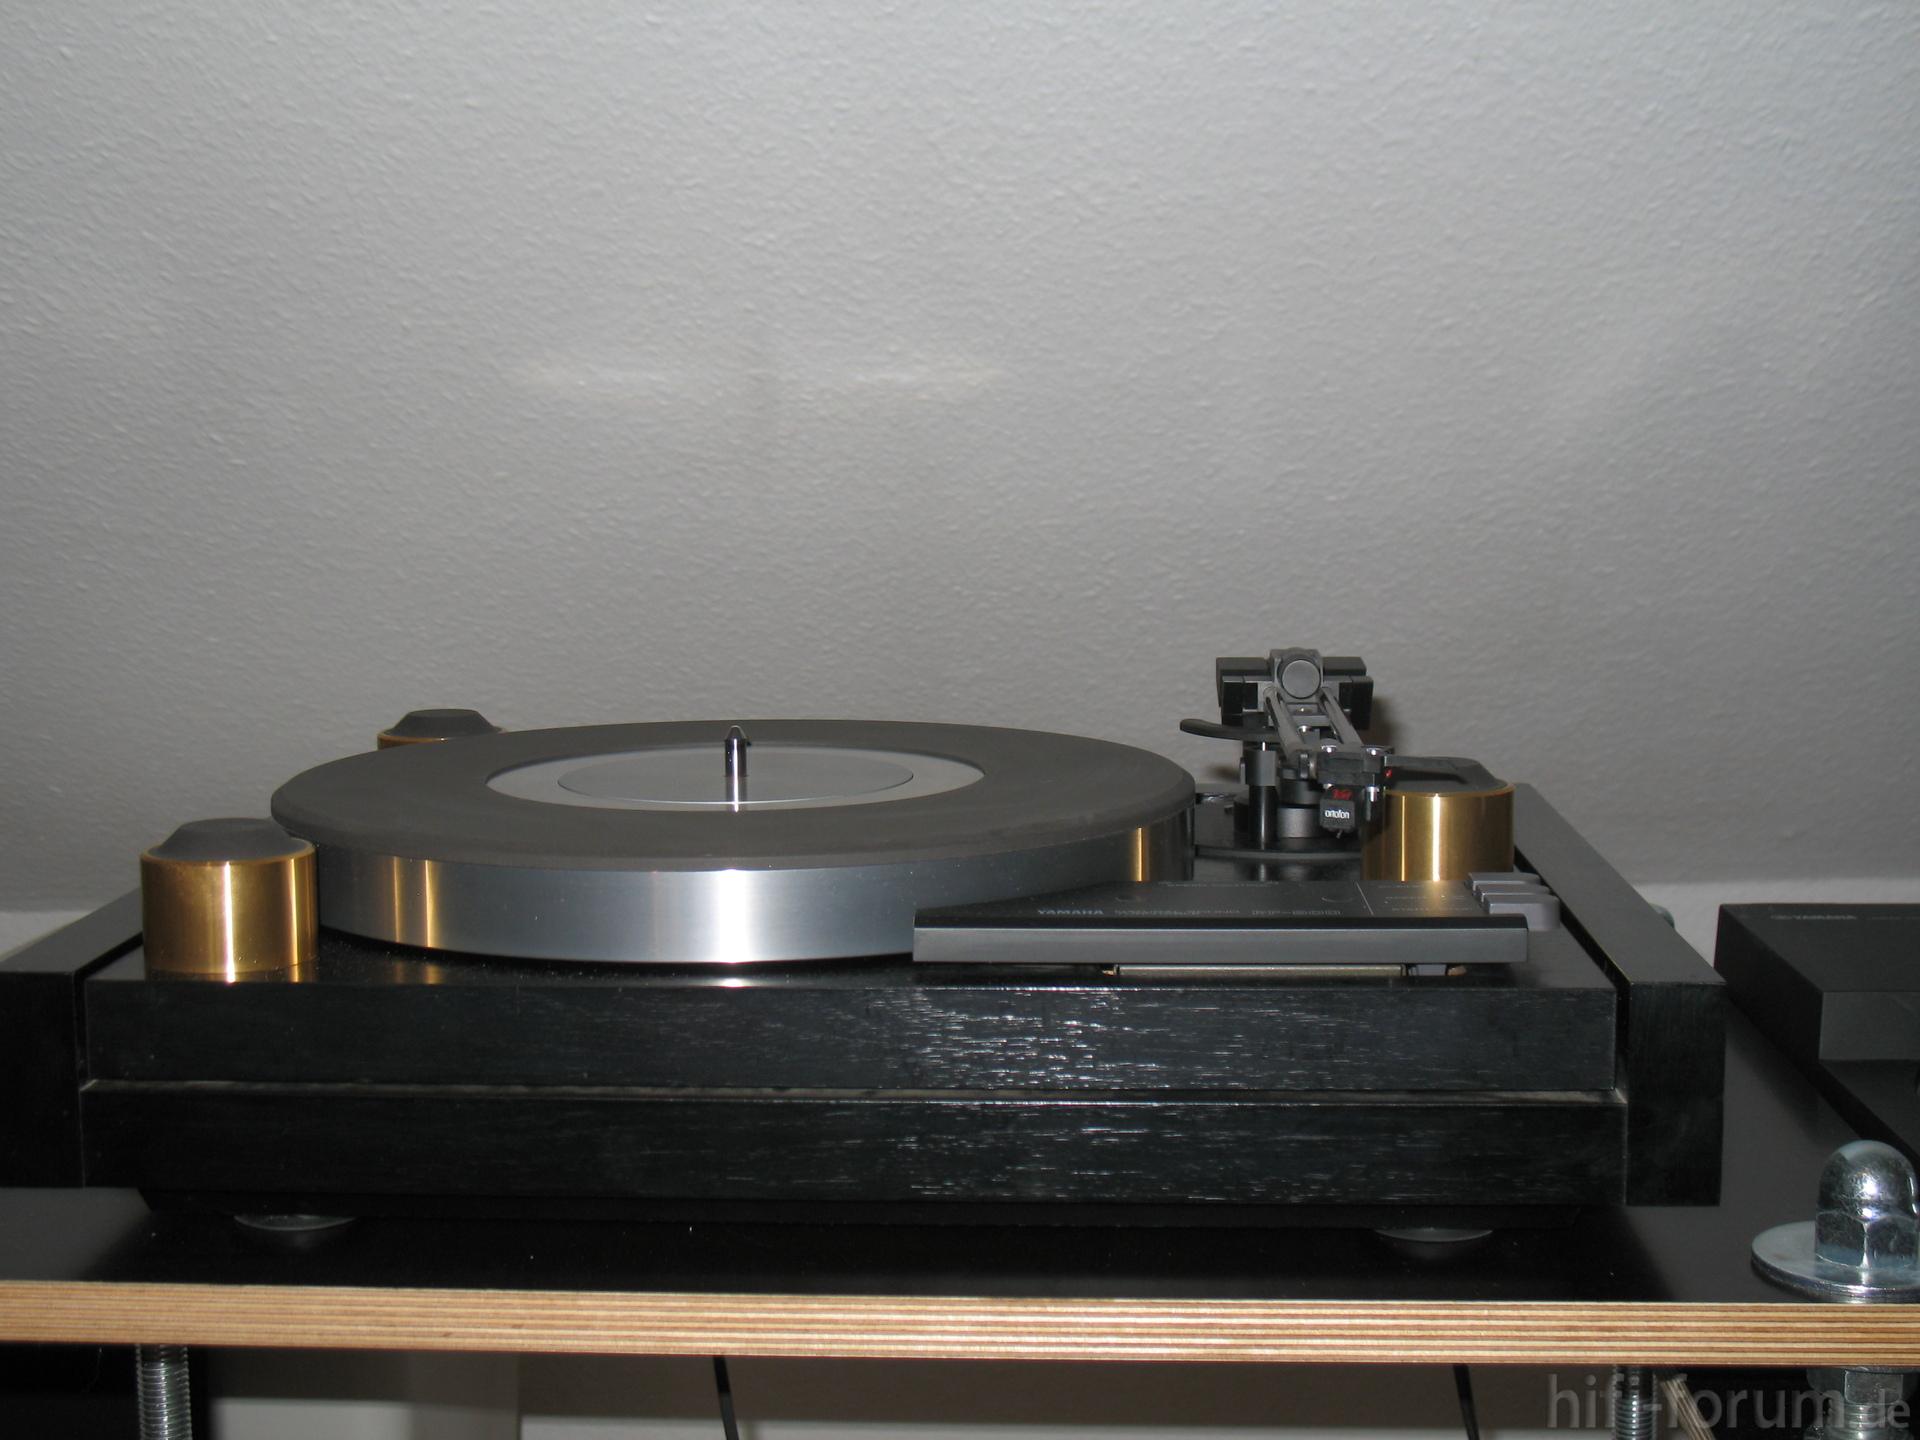 Yamaha PF-800 Yamaha-pf-800_13111